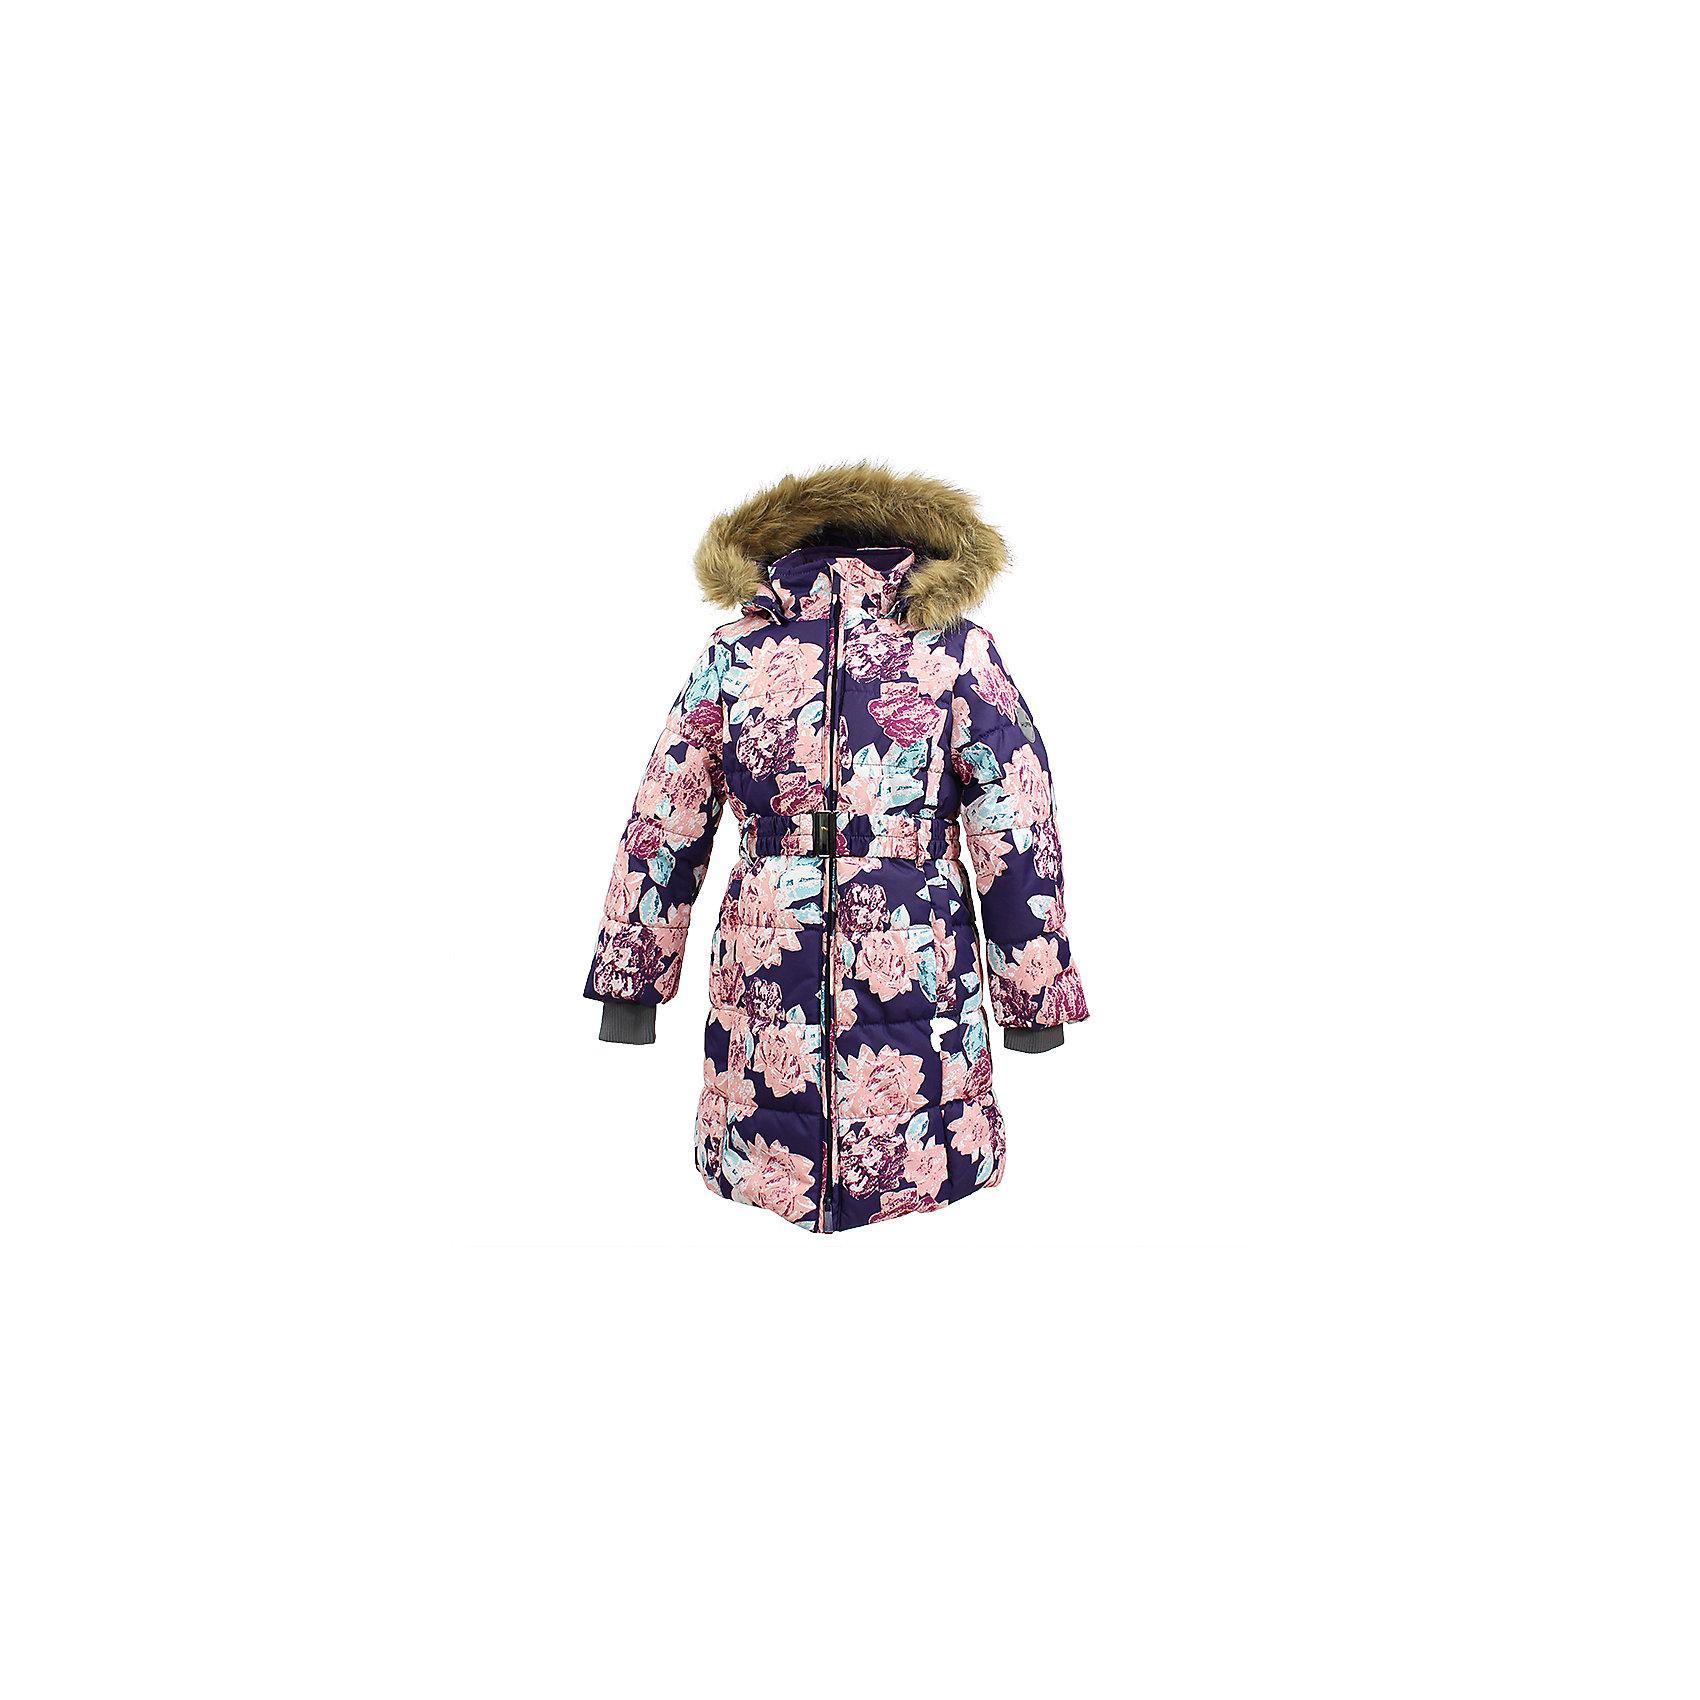 Пальто YACARANDA Huppa для девочкиЗимние куртки<br>Куртка для девочек YACARANDA.Водо и воздухонепроницаемость 10 000. Утеплитель 300 гр. Подкладка тафта, флис 100% полиэстер. Отстегивающийся капюшон с мехом. Внутренний манжет рукава.Вязаные детали.Двухсторонняя молния. Имеются светоотражательные детали.<br>Состав:<br>100% Полиэстер<br><br>Ширина мм: 356<br>Глубина мм: 10<br>Высота мм: 245<br>Вес г: 519<br>Цвет: фиолетовый<br>Возраст от месяцев: 168<br>Возраст до месяцев: 180<br>Пол: Женский<br>Возраст: Детский<br>Размер: 170,104,110,116,122,128,134,140,146,152,158,164<br>SKU: 7027479